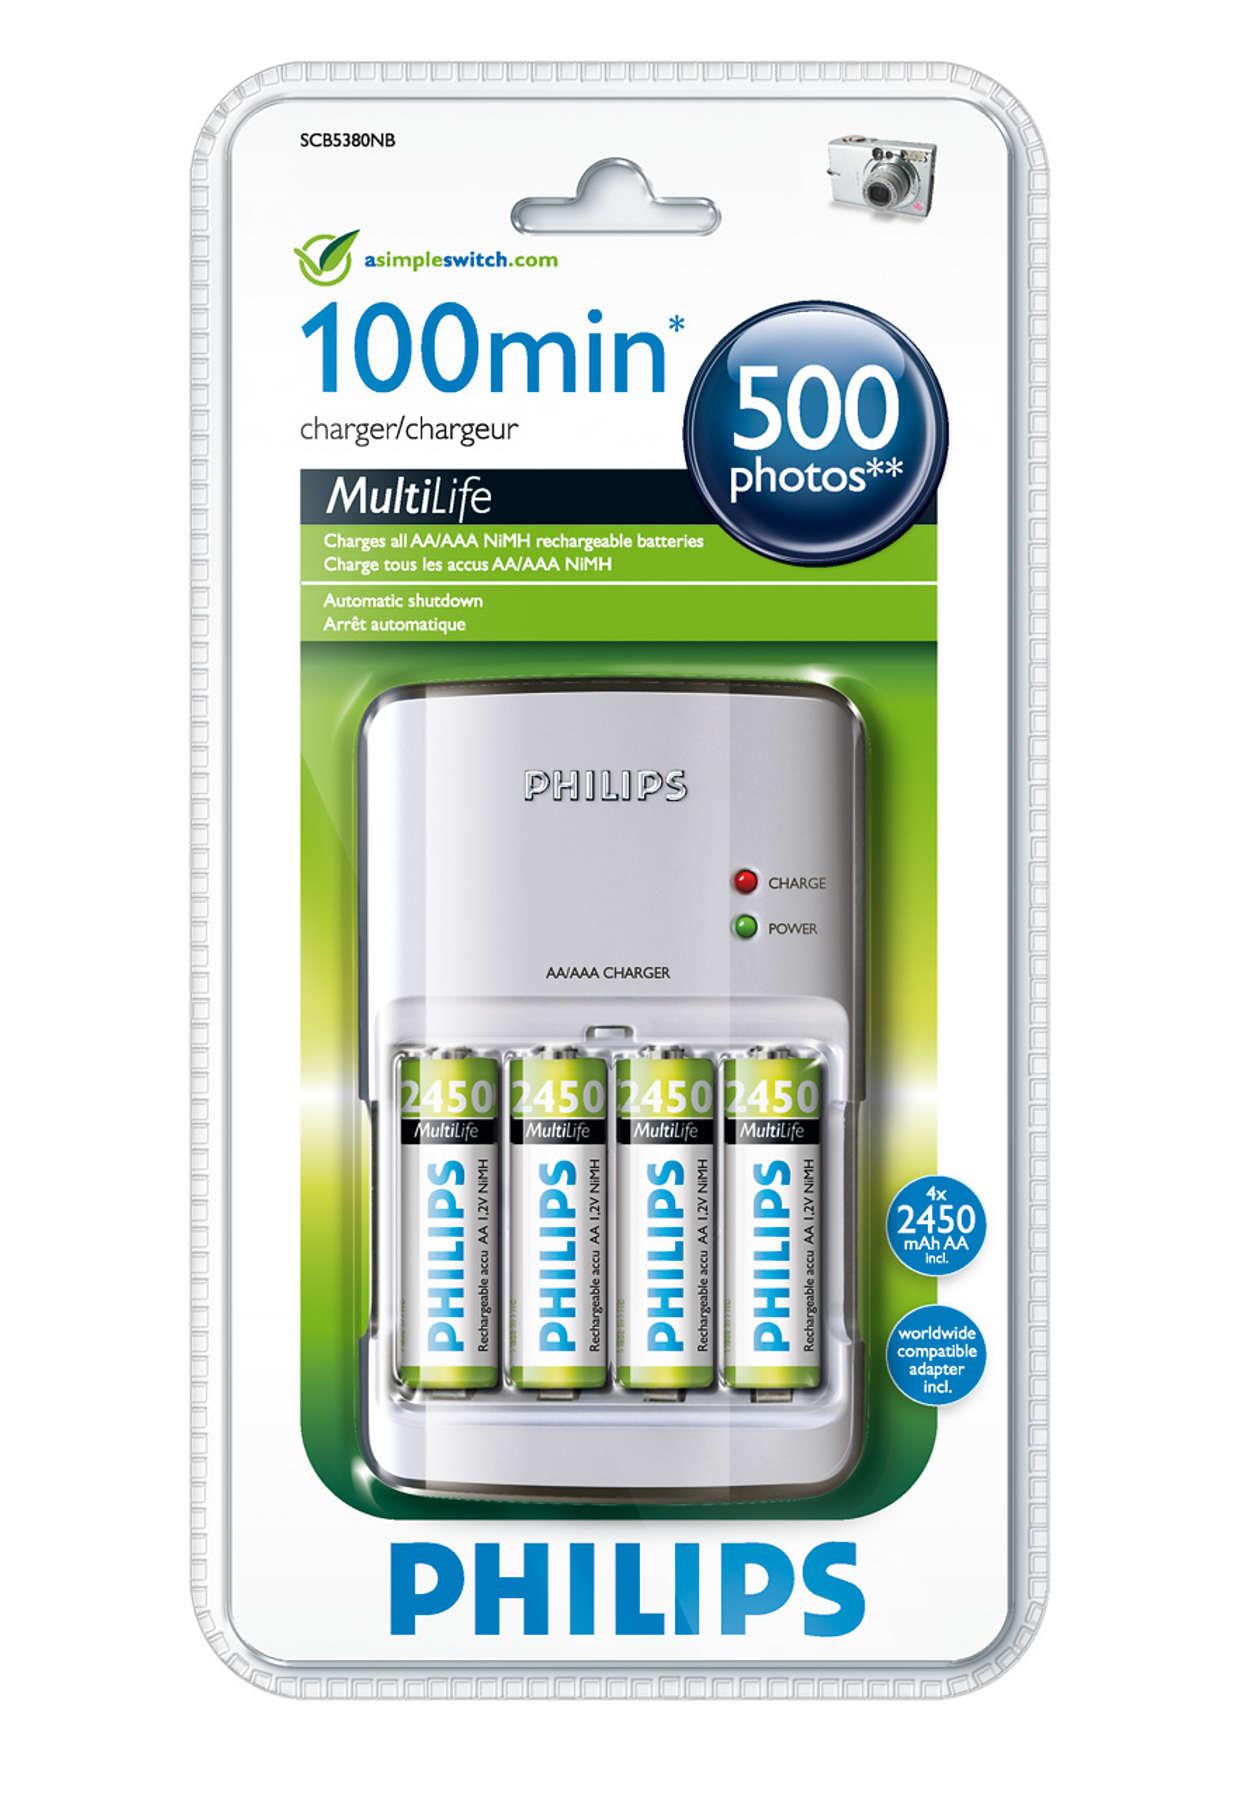 Laadt uw batterijen in maximaal 100 minuten volledig op